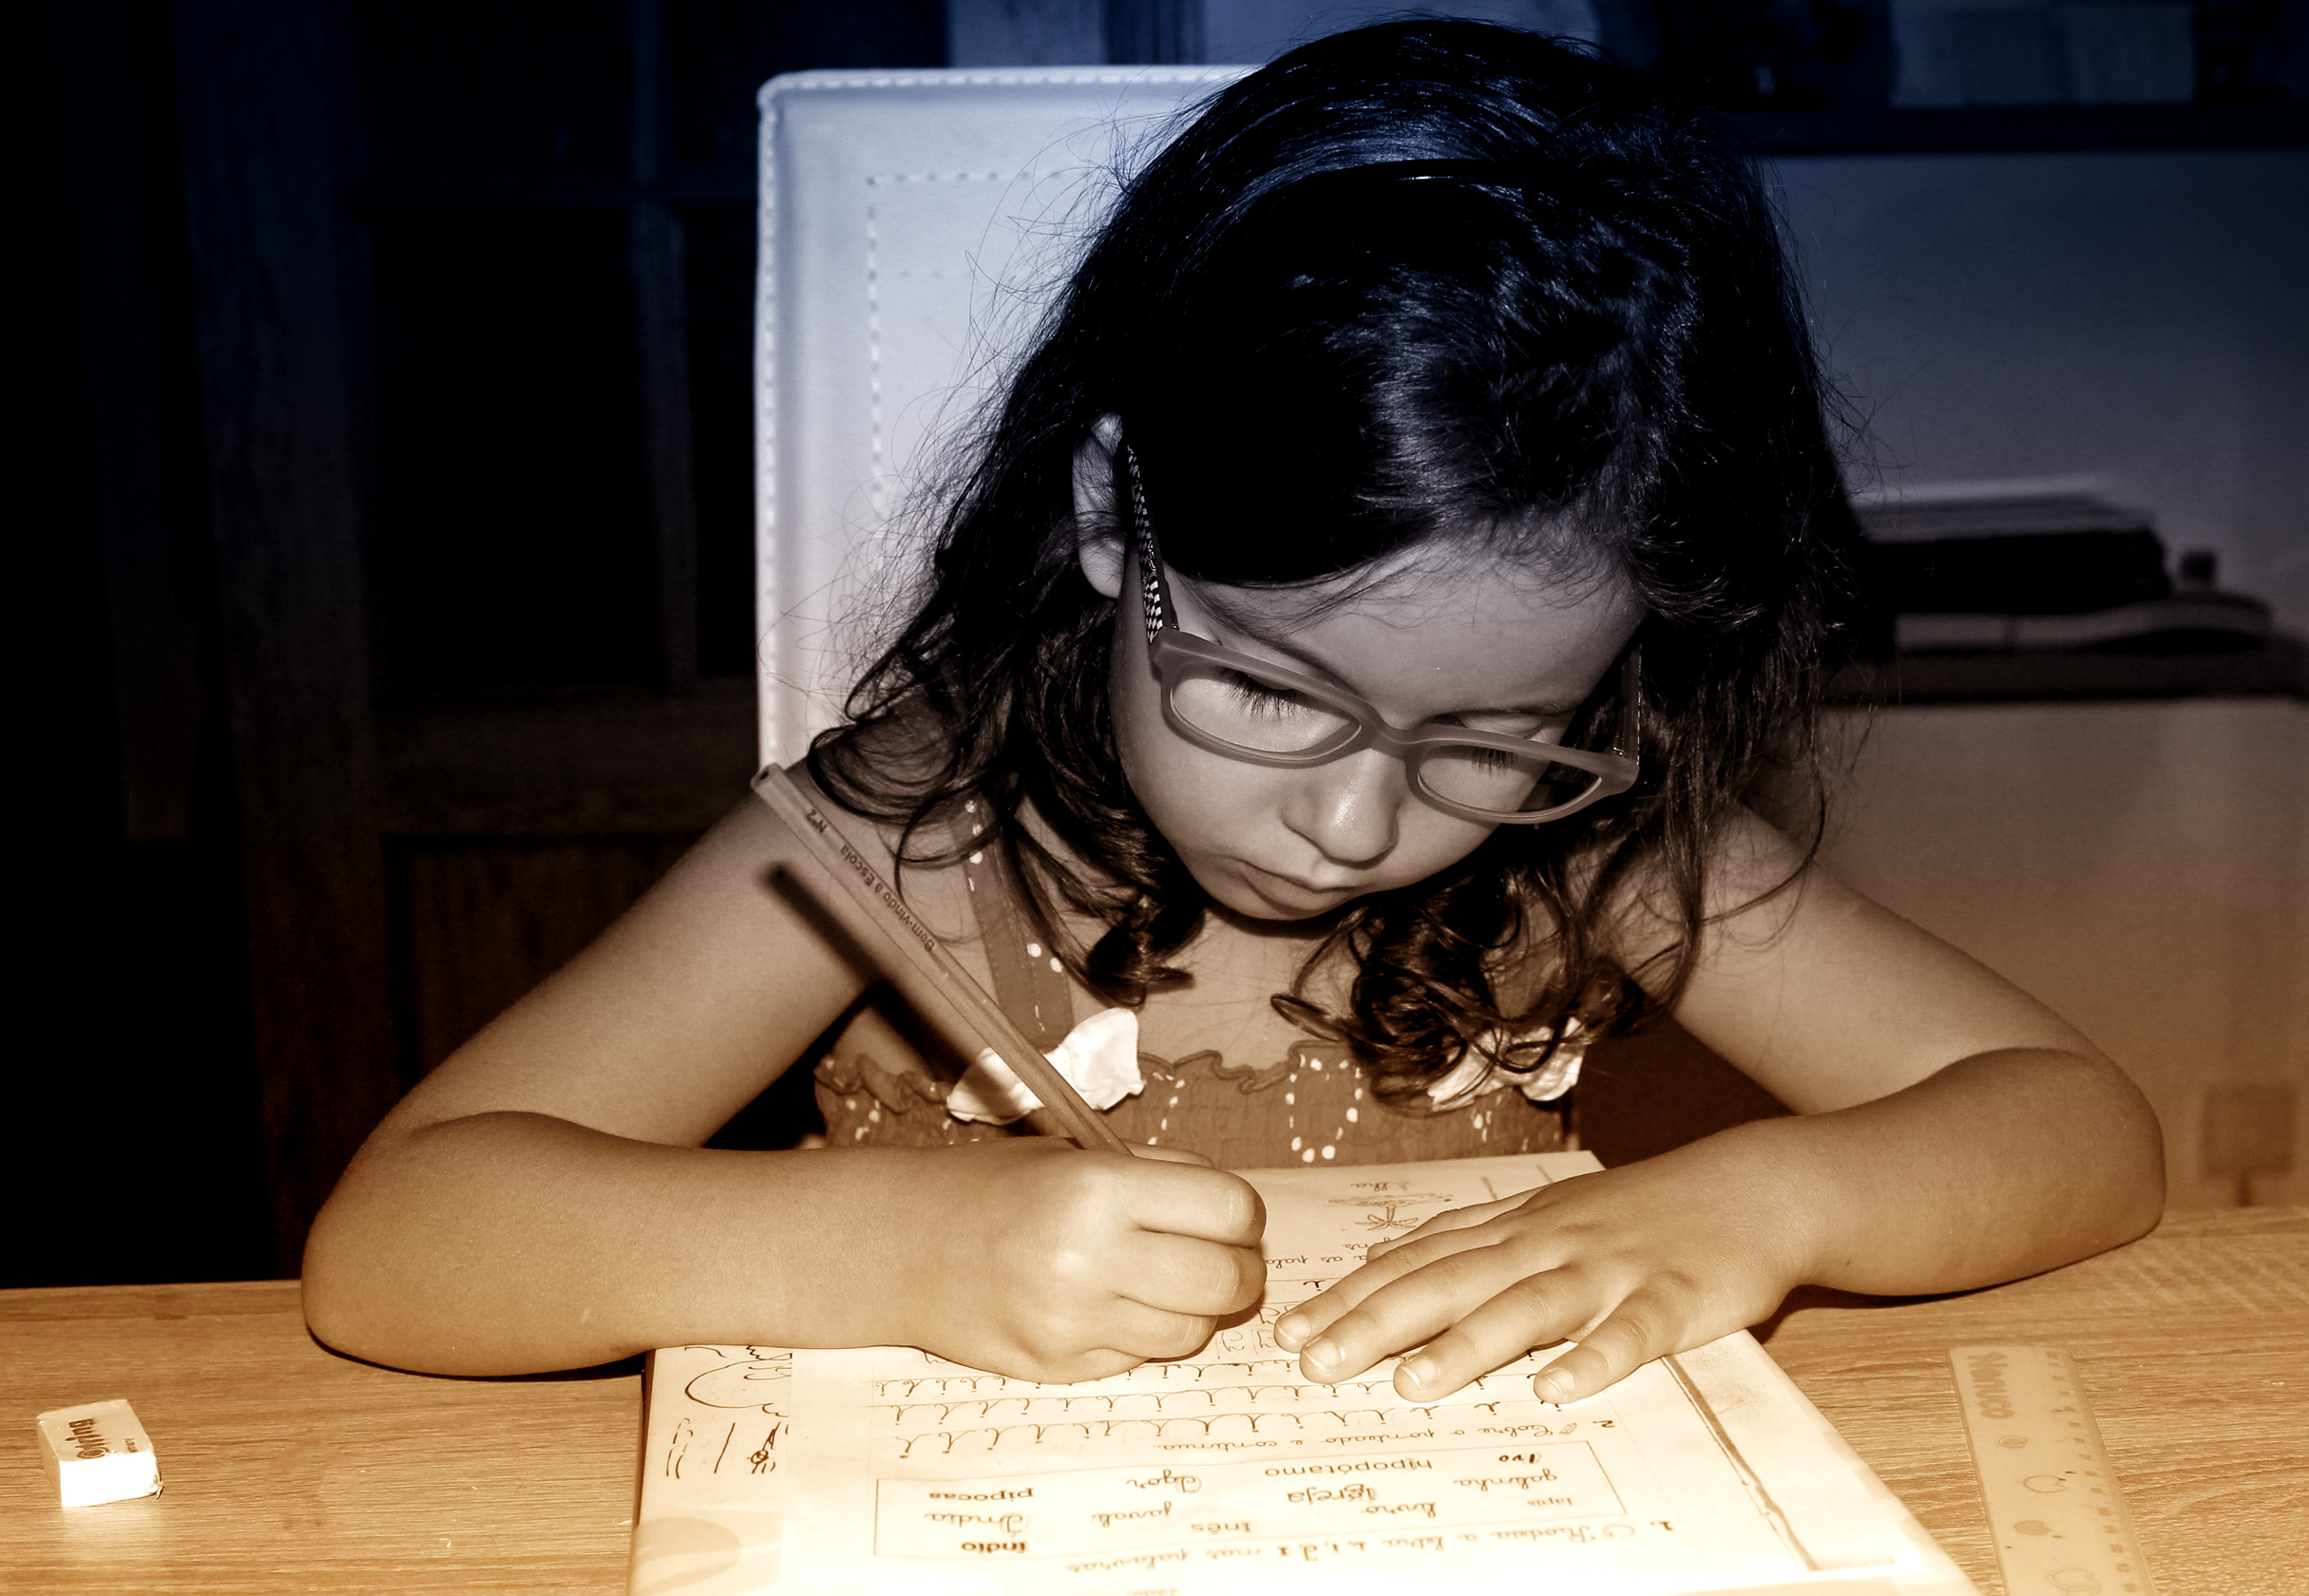 Little girl doing homework photo